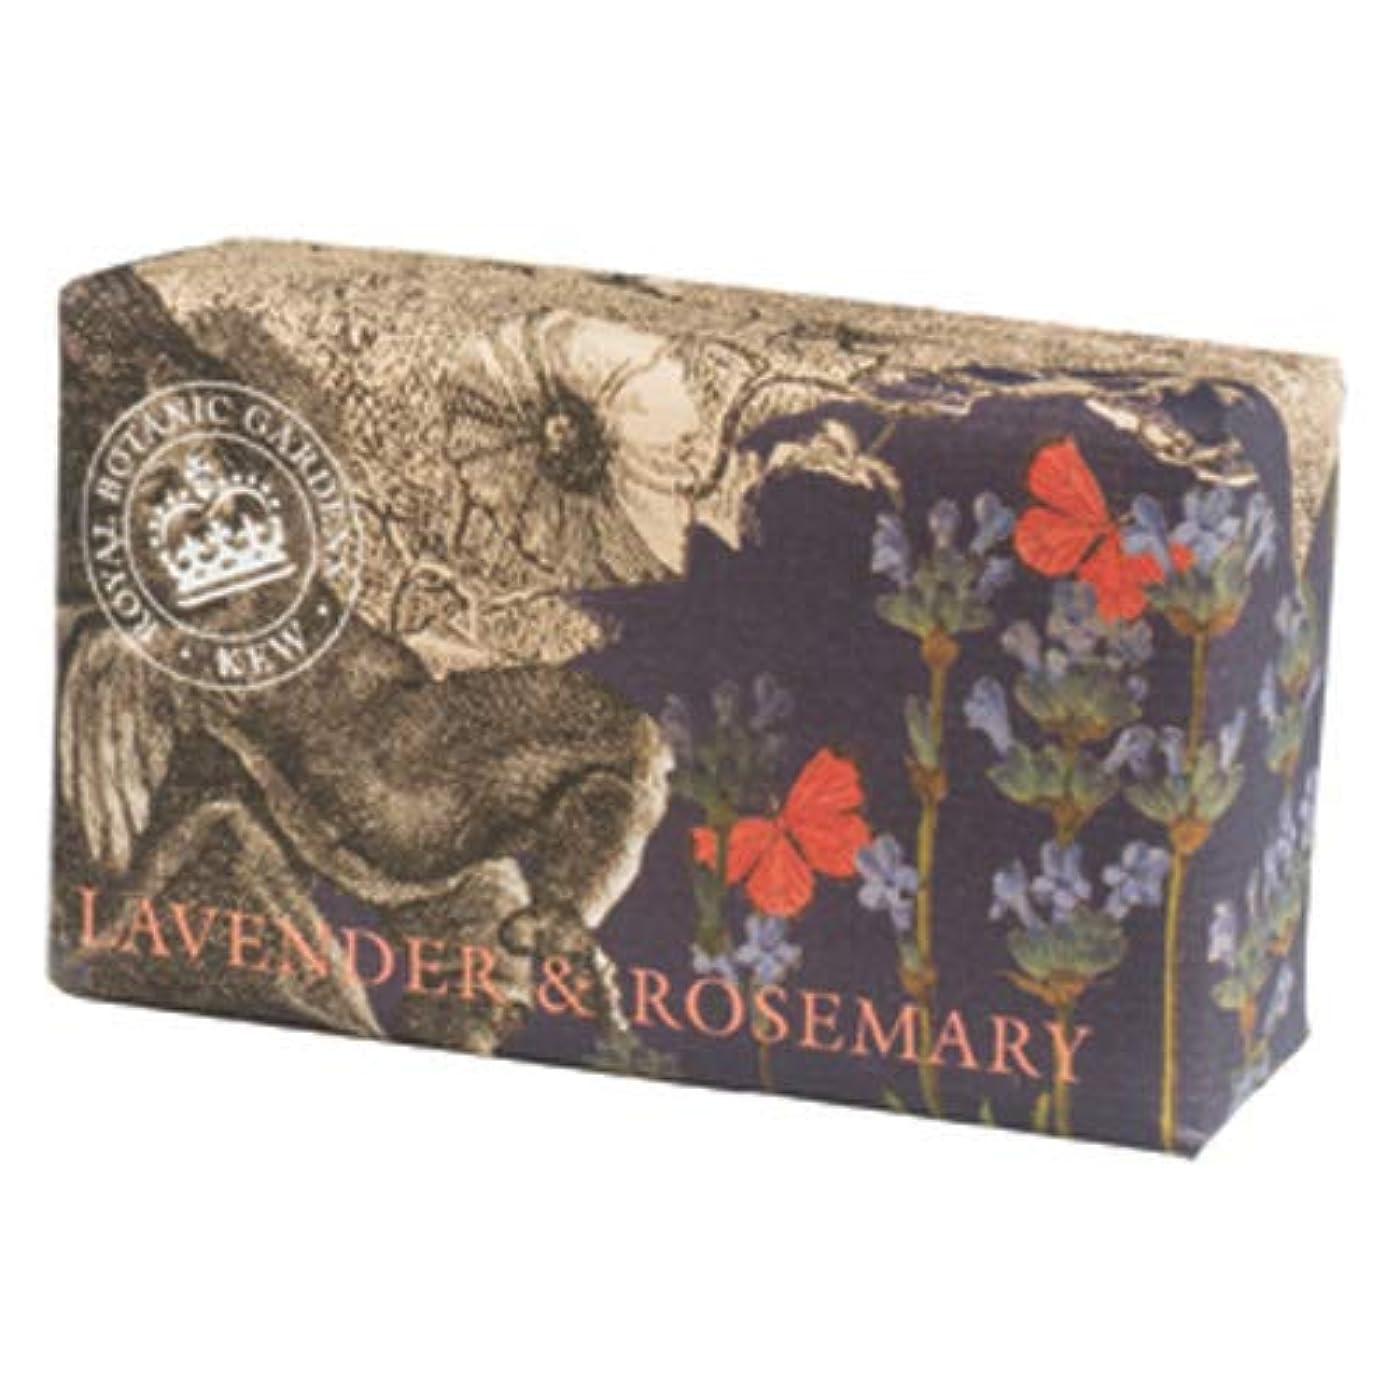 はぁその結果居眠りするEnglish Soap Company イングリッシュソープカンパニー KEW GARDEN キュー?ガーデン Luxury Shea Soaps シアソープ Lavender & Rosemary ラベンダー&ローズマリー